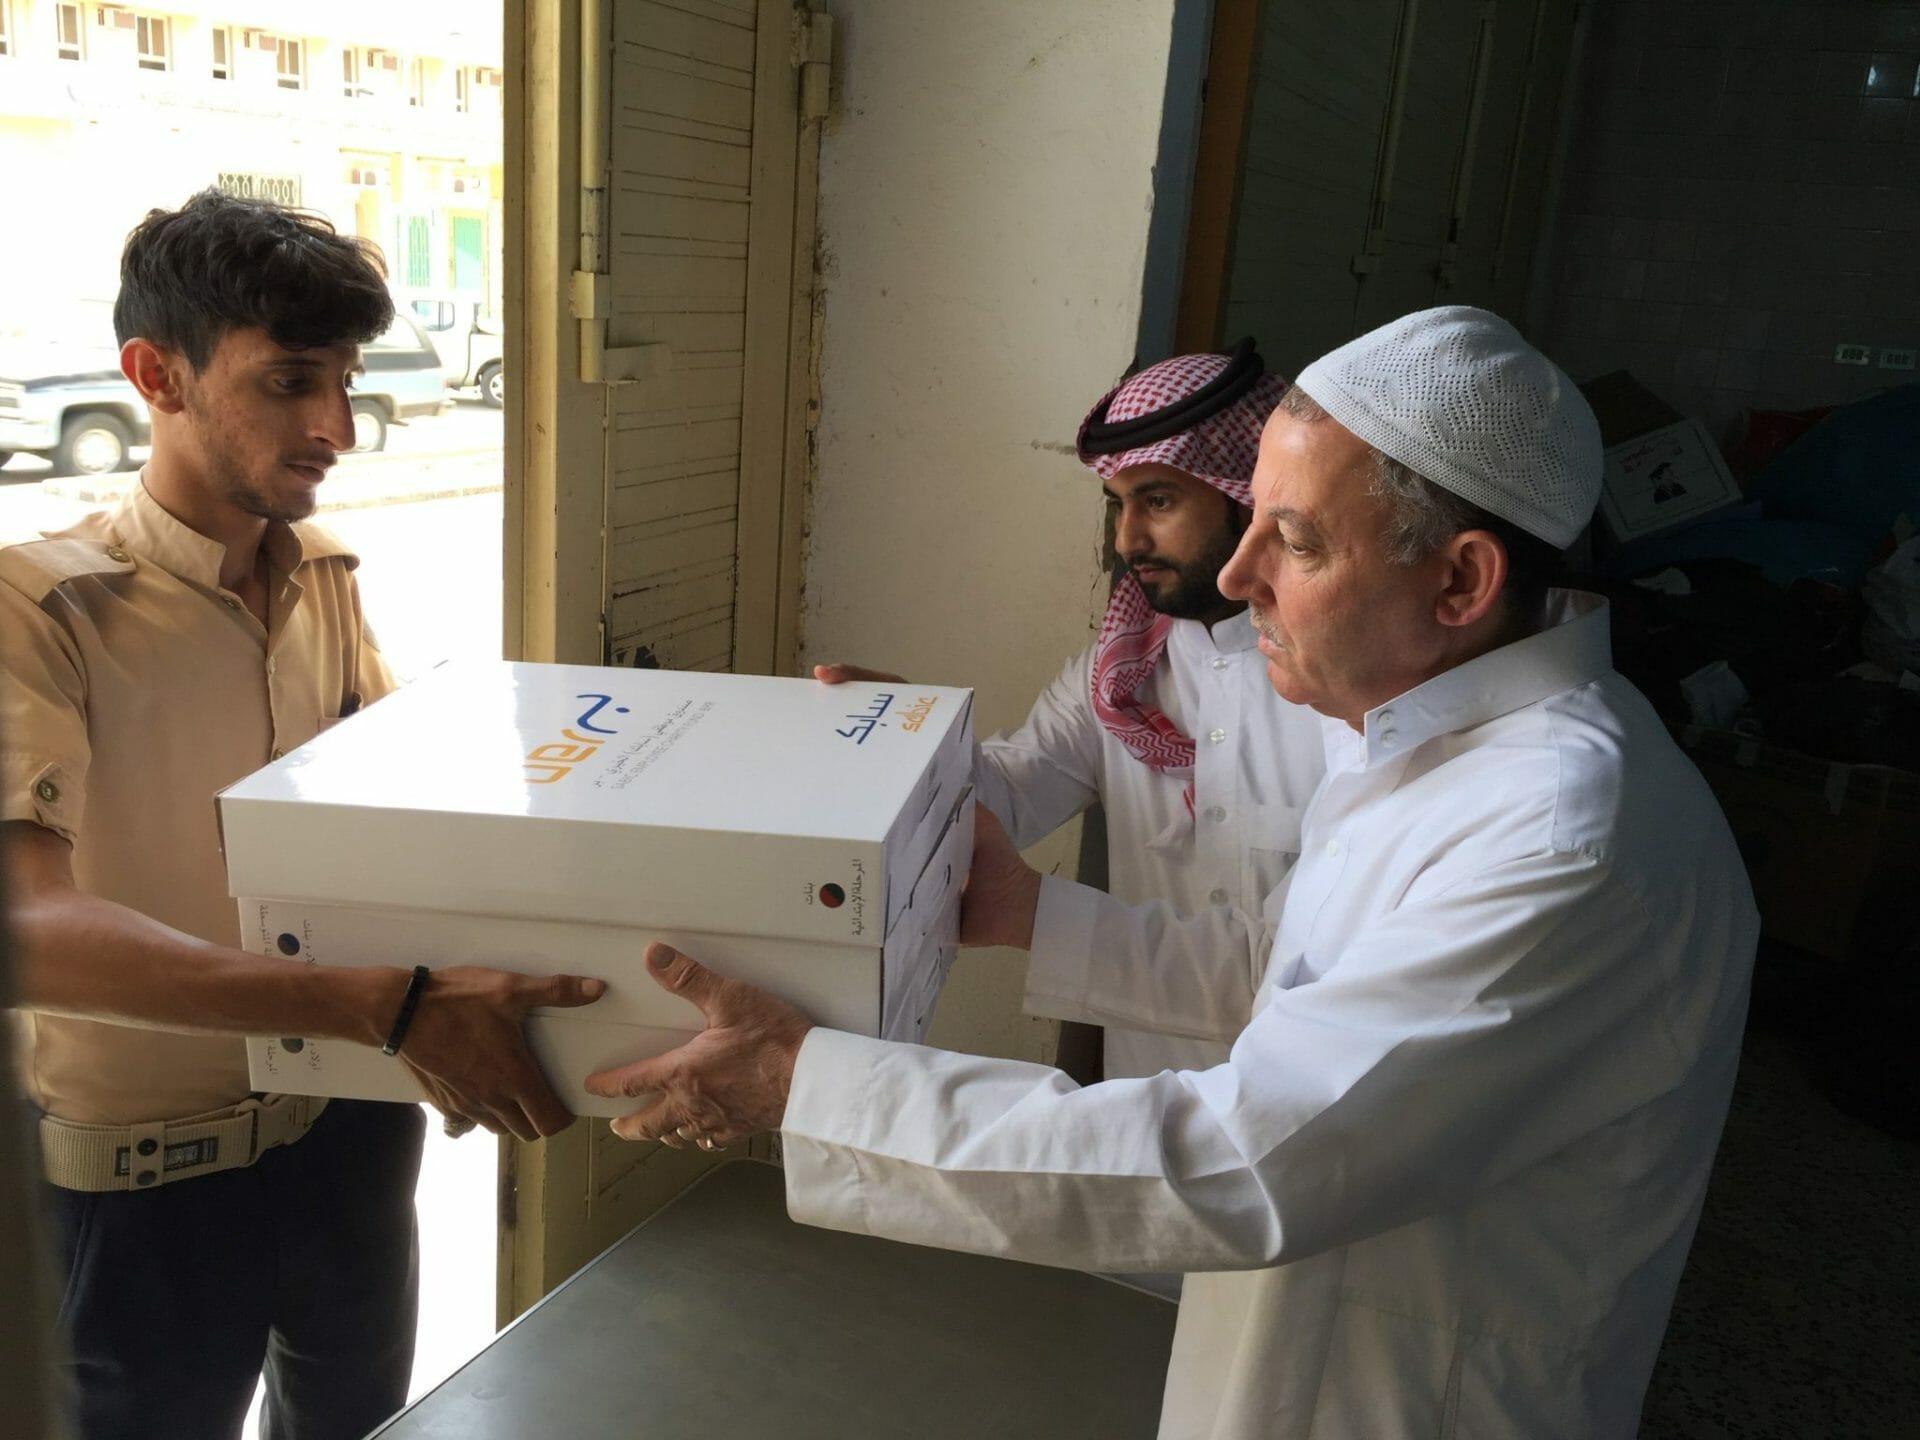 بر #بلجرشي وبرعاية الصندوق الخيري لموظفي #سابك تقوم بتوزيع #الحقيبة_المدرسية